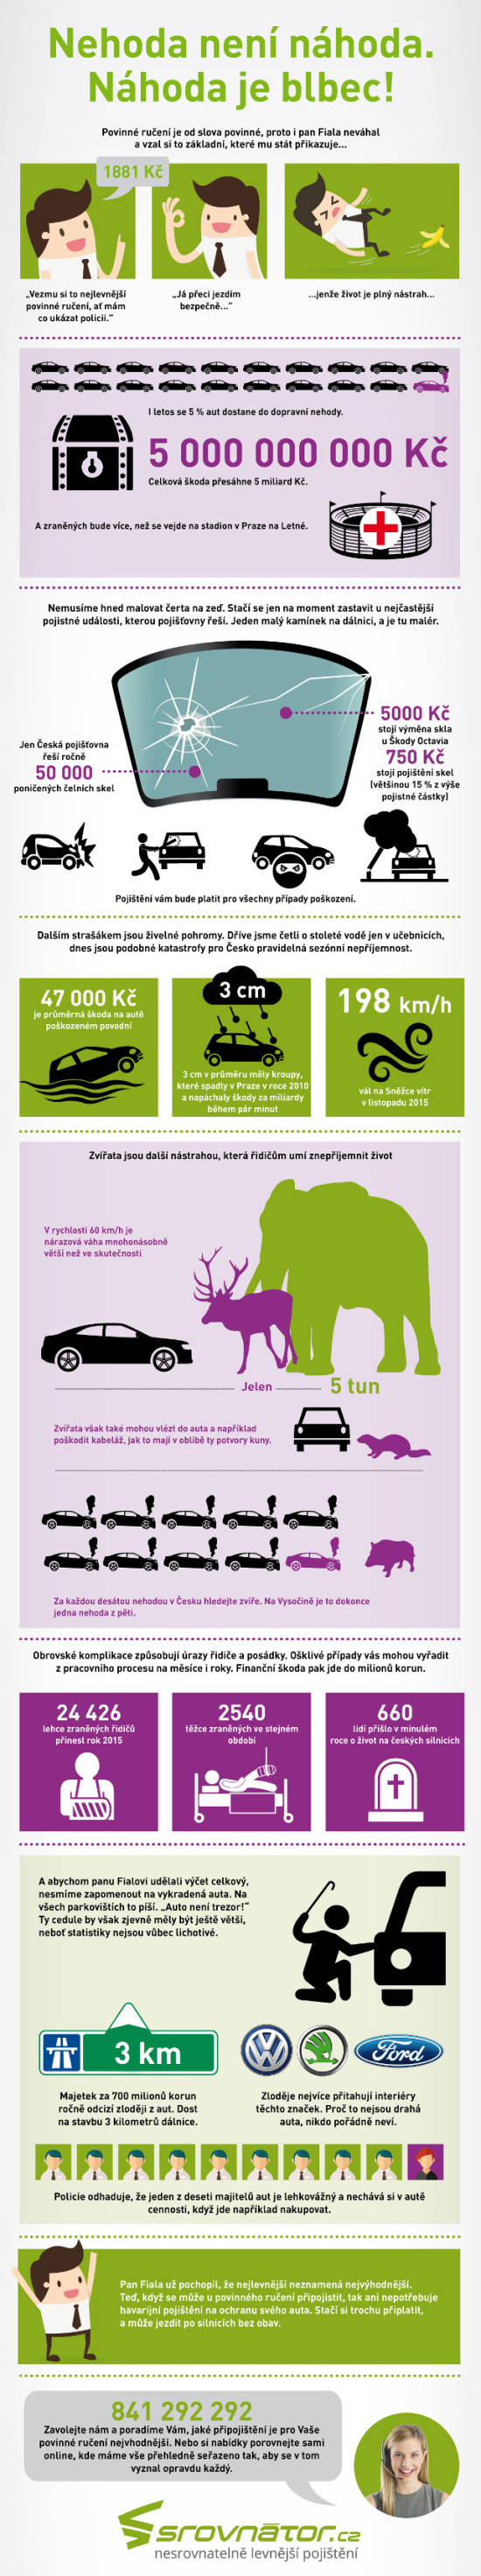 povinne ruceni infografika-nehoda_neni_nahoda